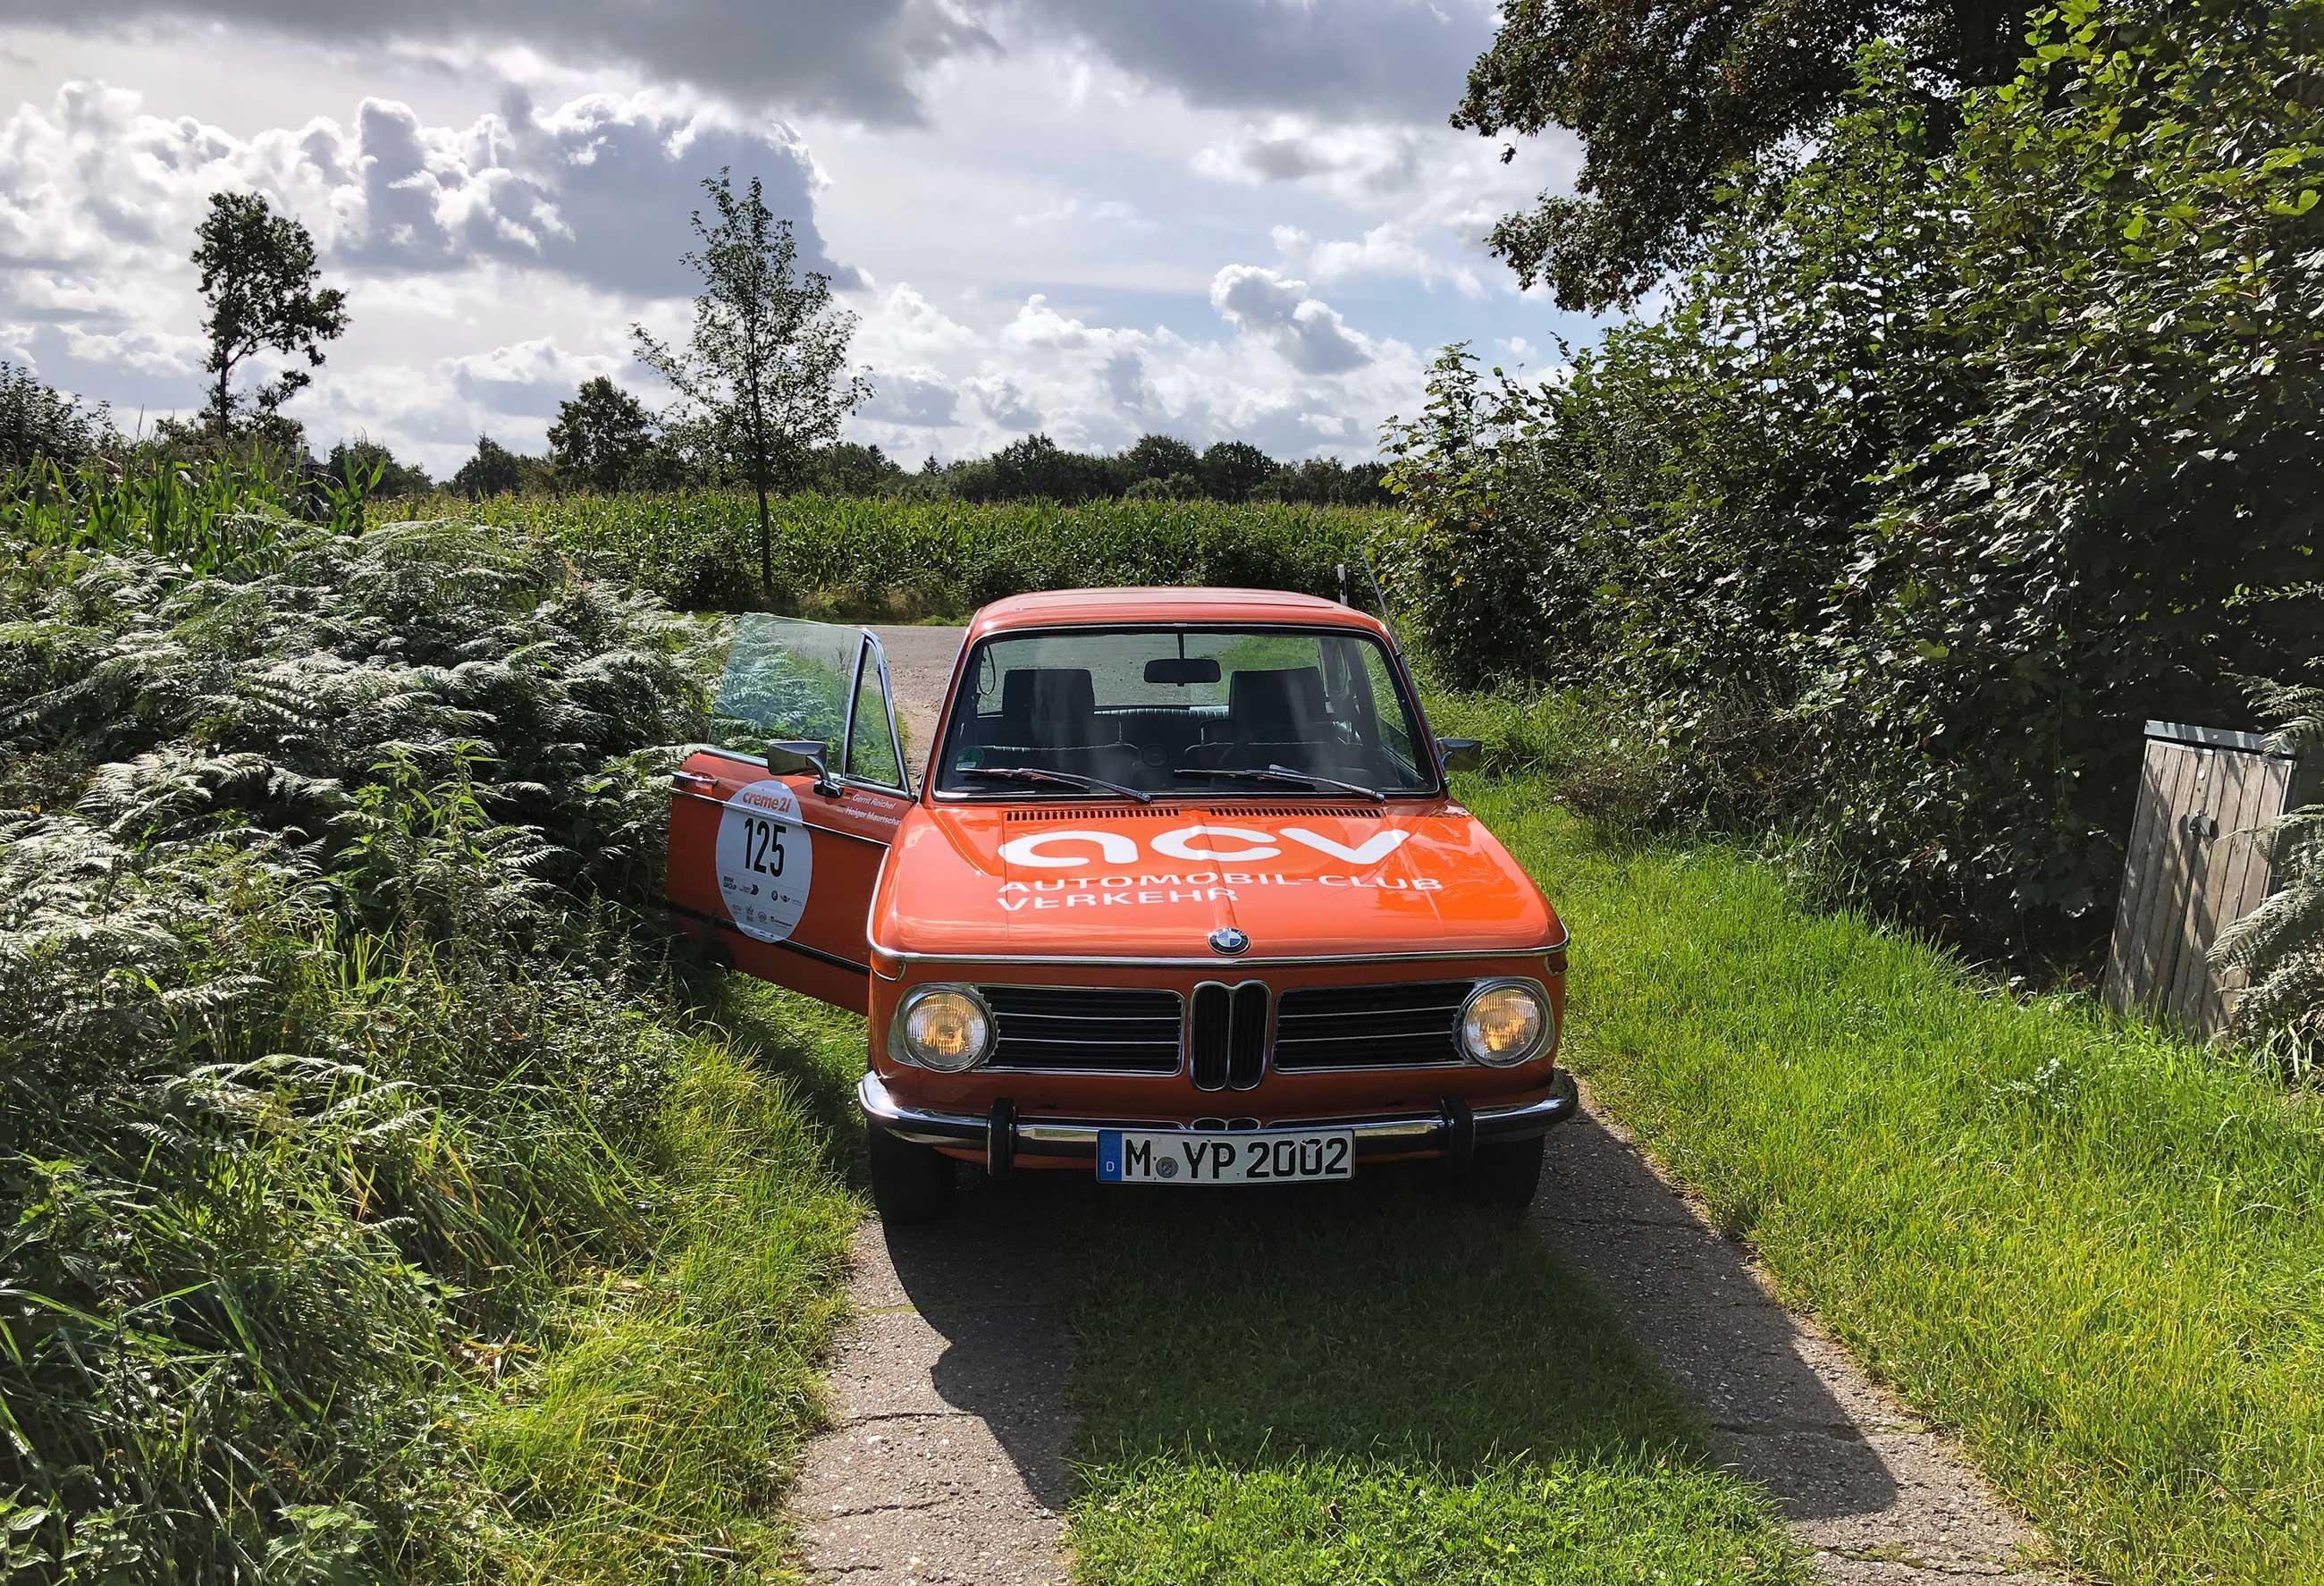 Bericht: Meine Teilnahme an der Creme 21 Youngtimer Rallye 2019 Creme-21-Youngtimer-Rallye-2019_Nachbericht_67